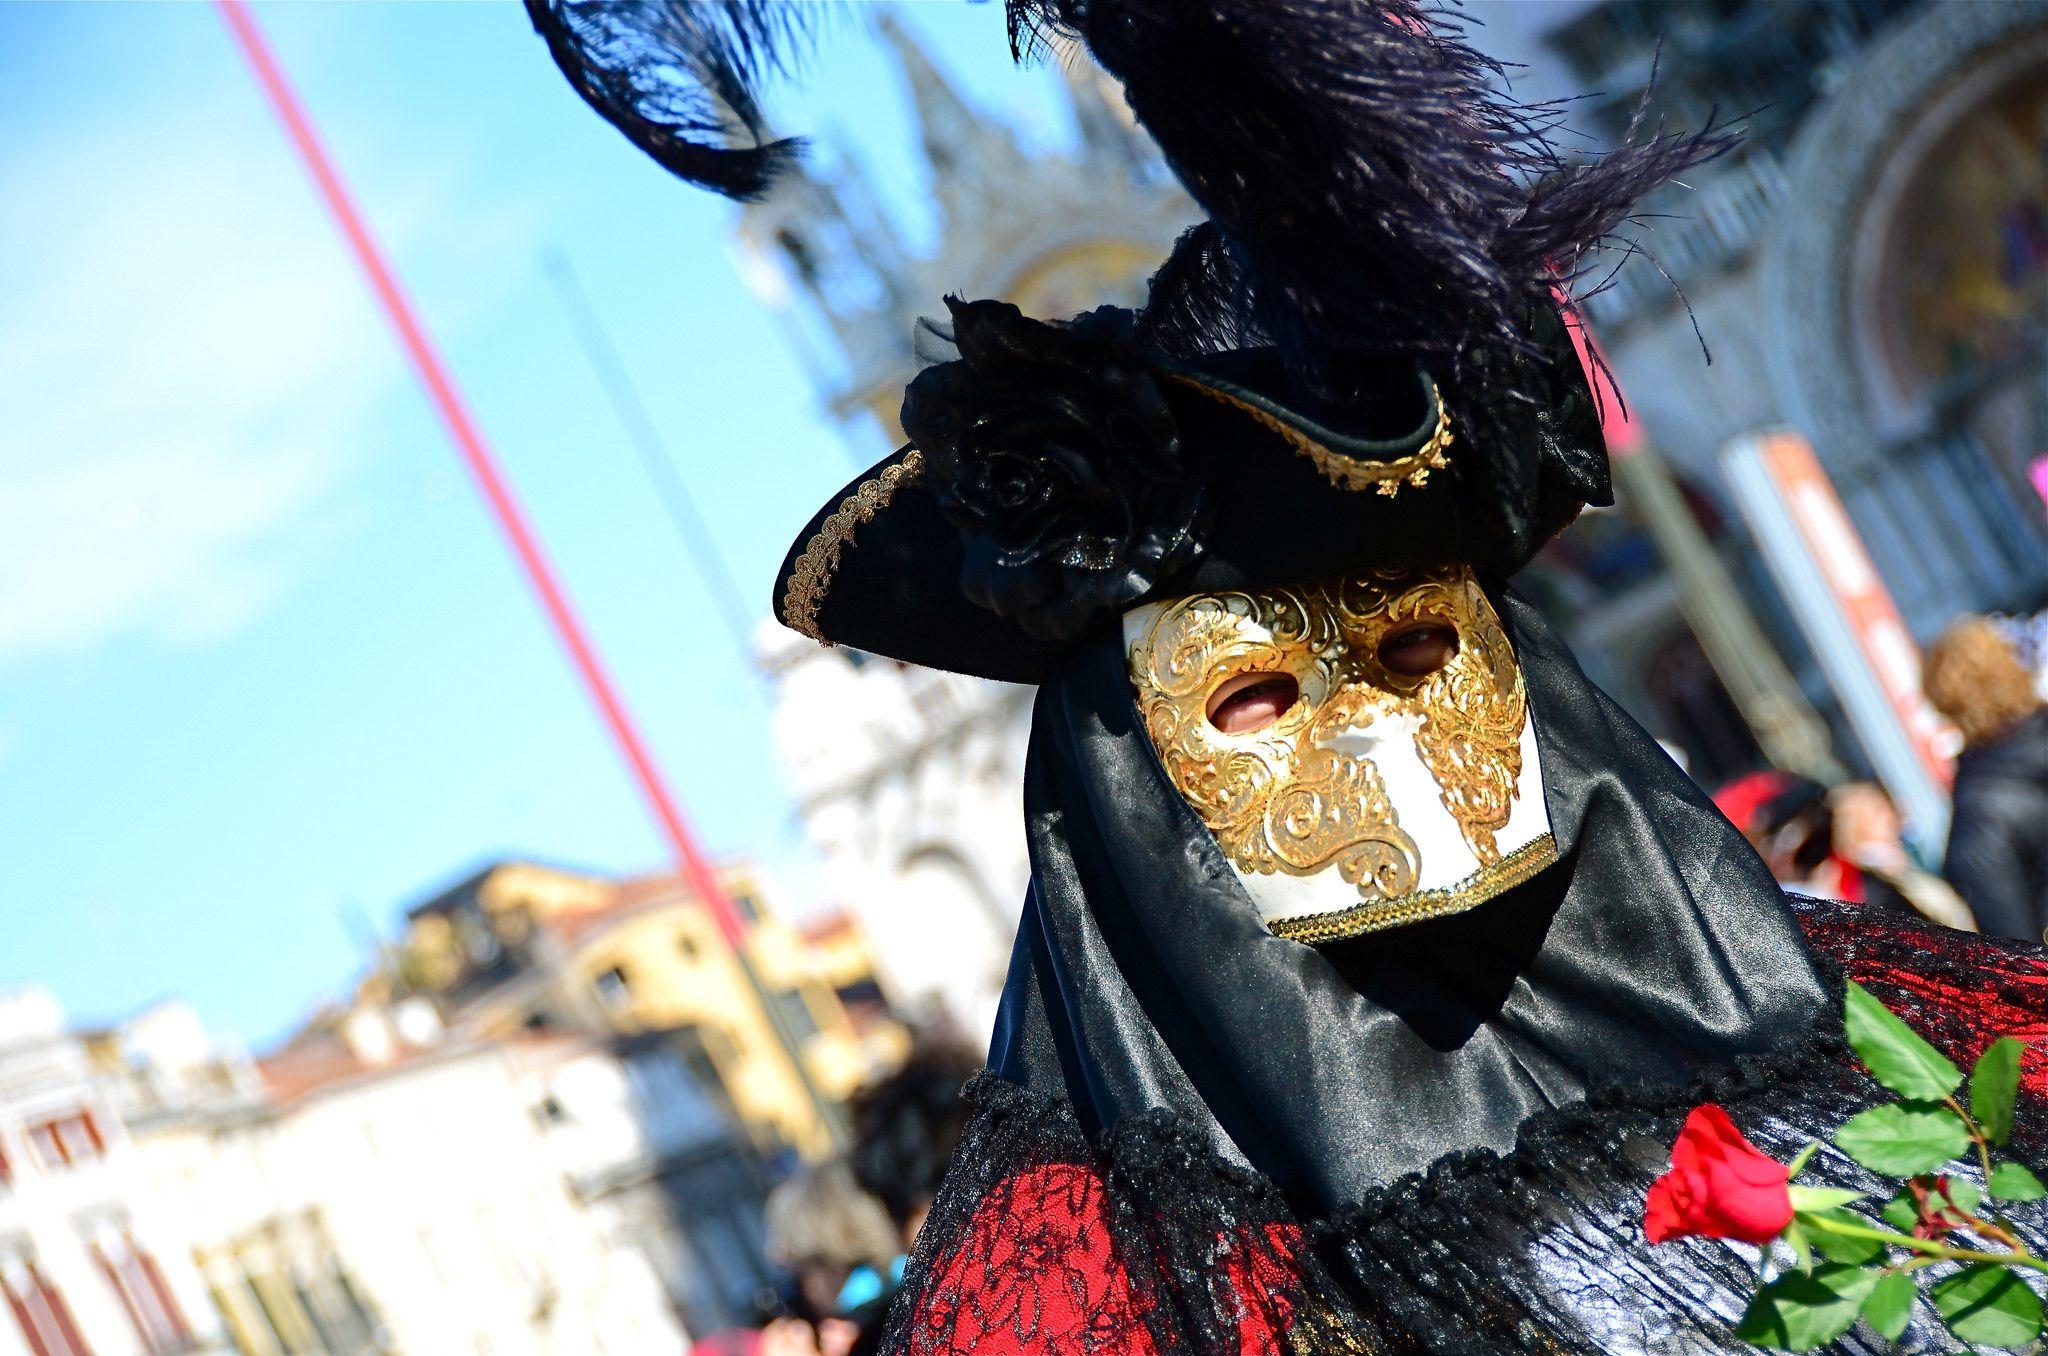 https://flic.kr/p/kZYZa9 | Venice Carnival 2014 - Carnevale di Venezia 2014 | Giovedì e Venerdì grasso nelle calle di Venezia per fotografare le sue splendide maschere carnascialesche